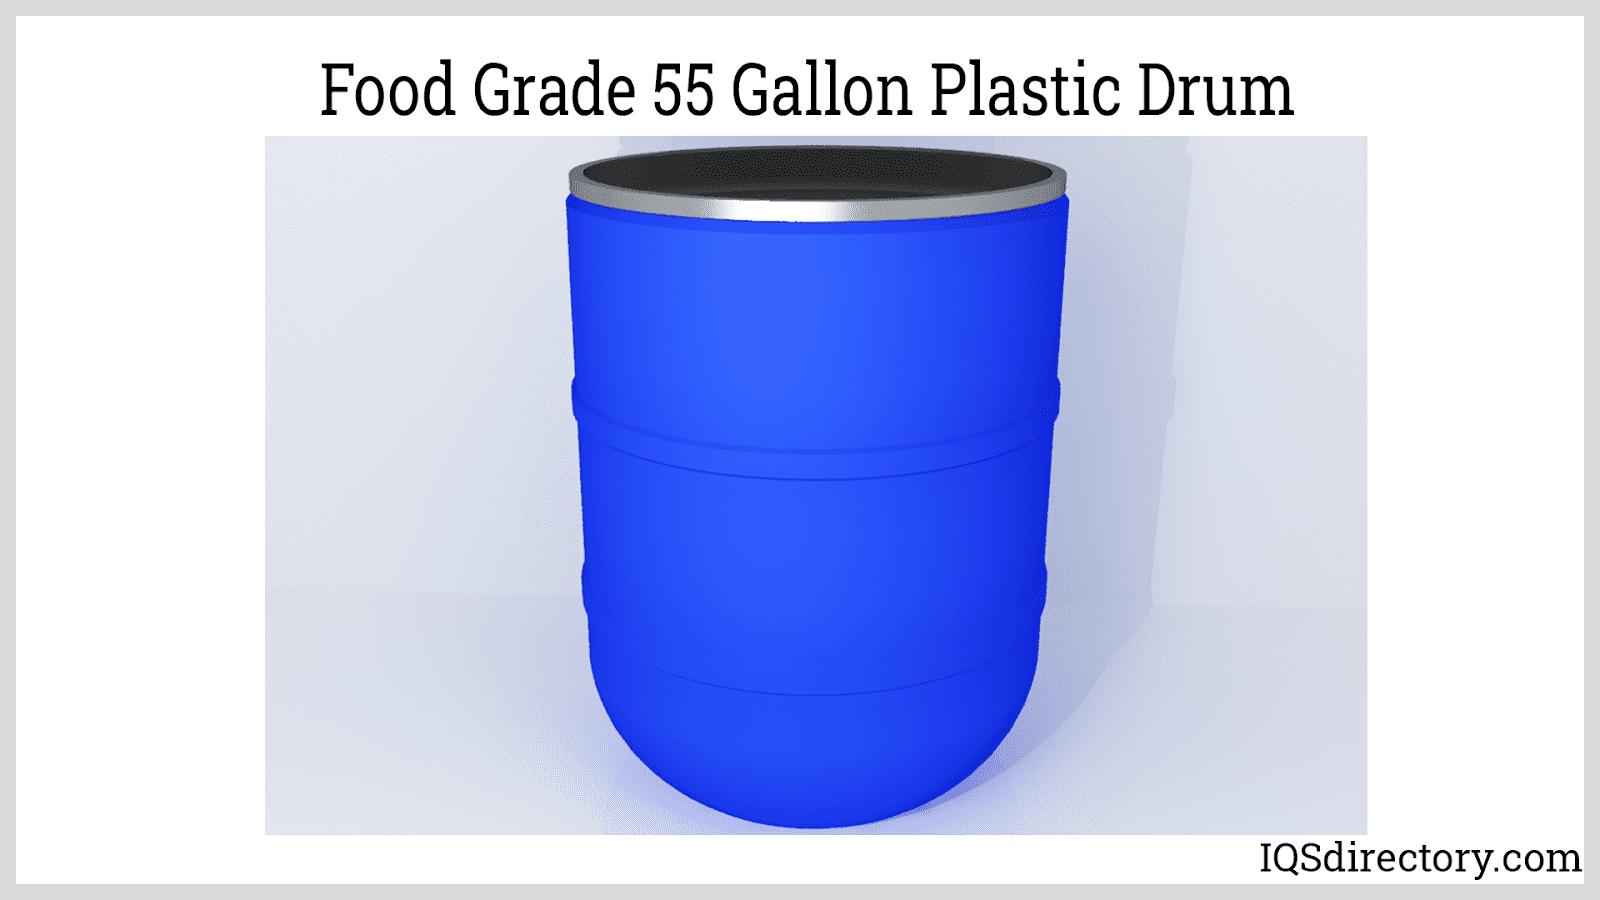 Food Grade 55 Gallon Plastic Drum